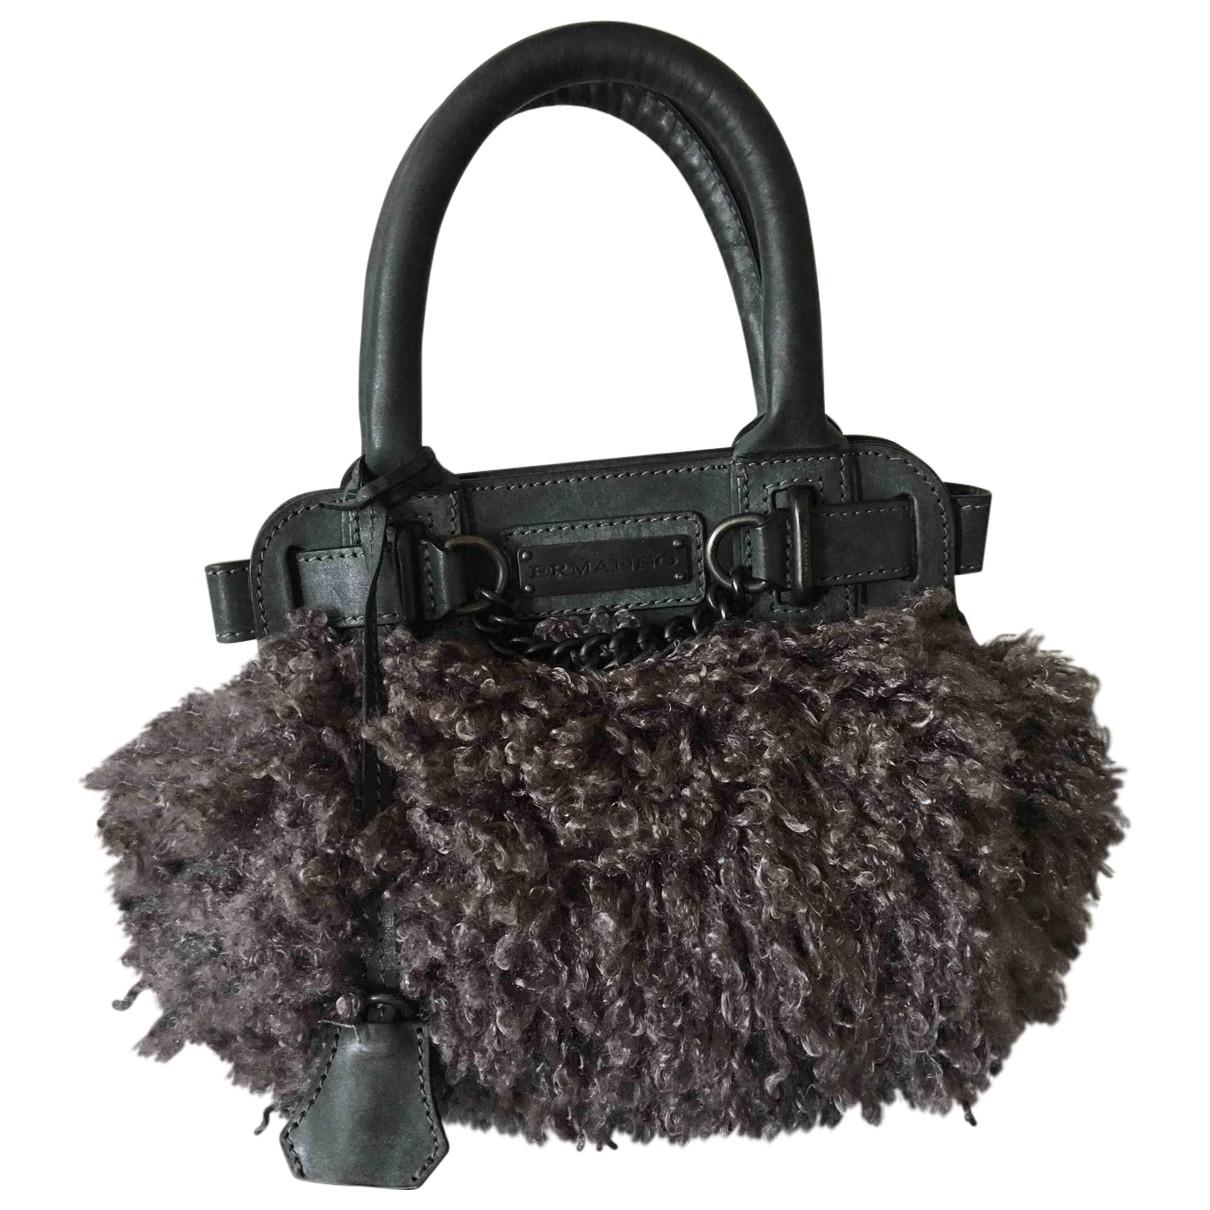 Ermanno Scervino \N Handtasche in  Grau Leder